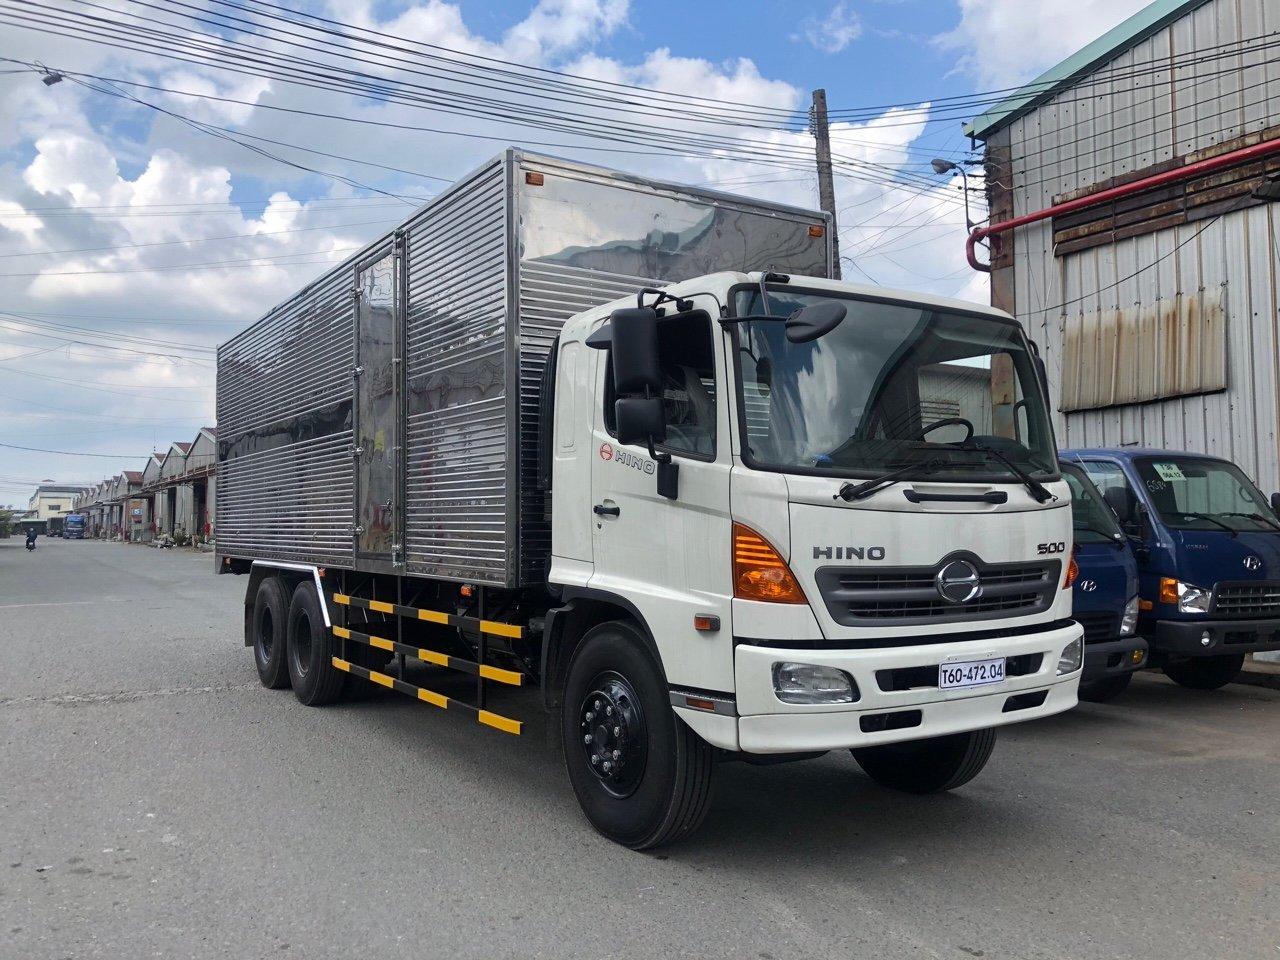 Xe Hino của nước nào? Các mẫu xe Hino đang bán tại Việt Nam 2a